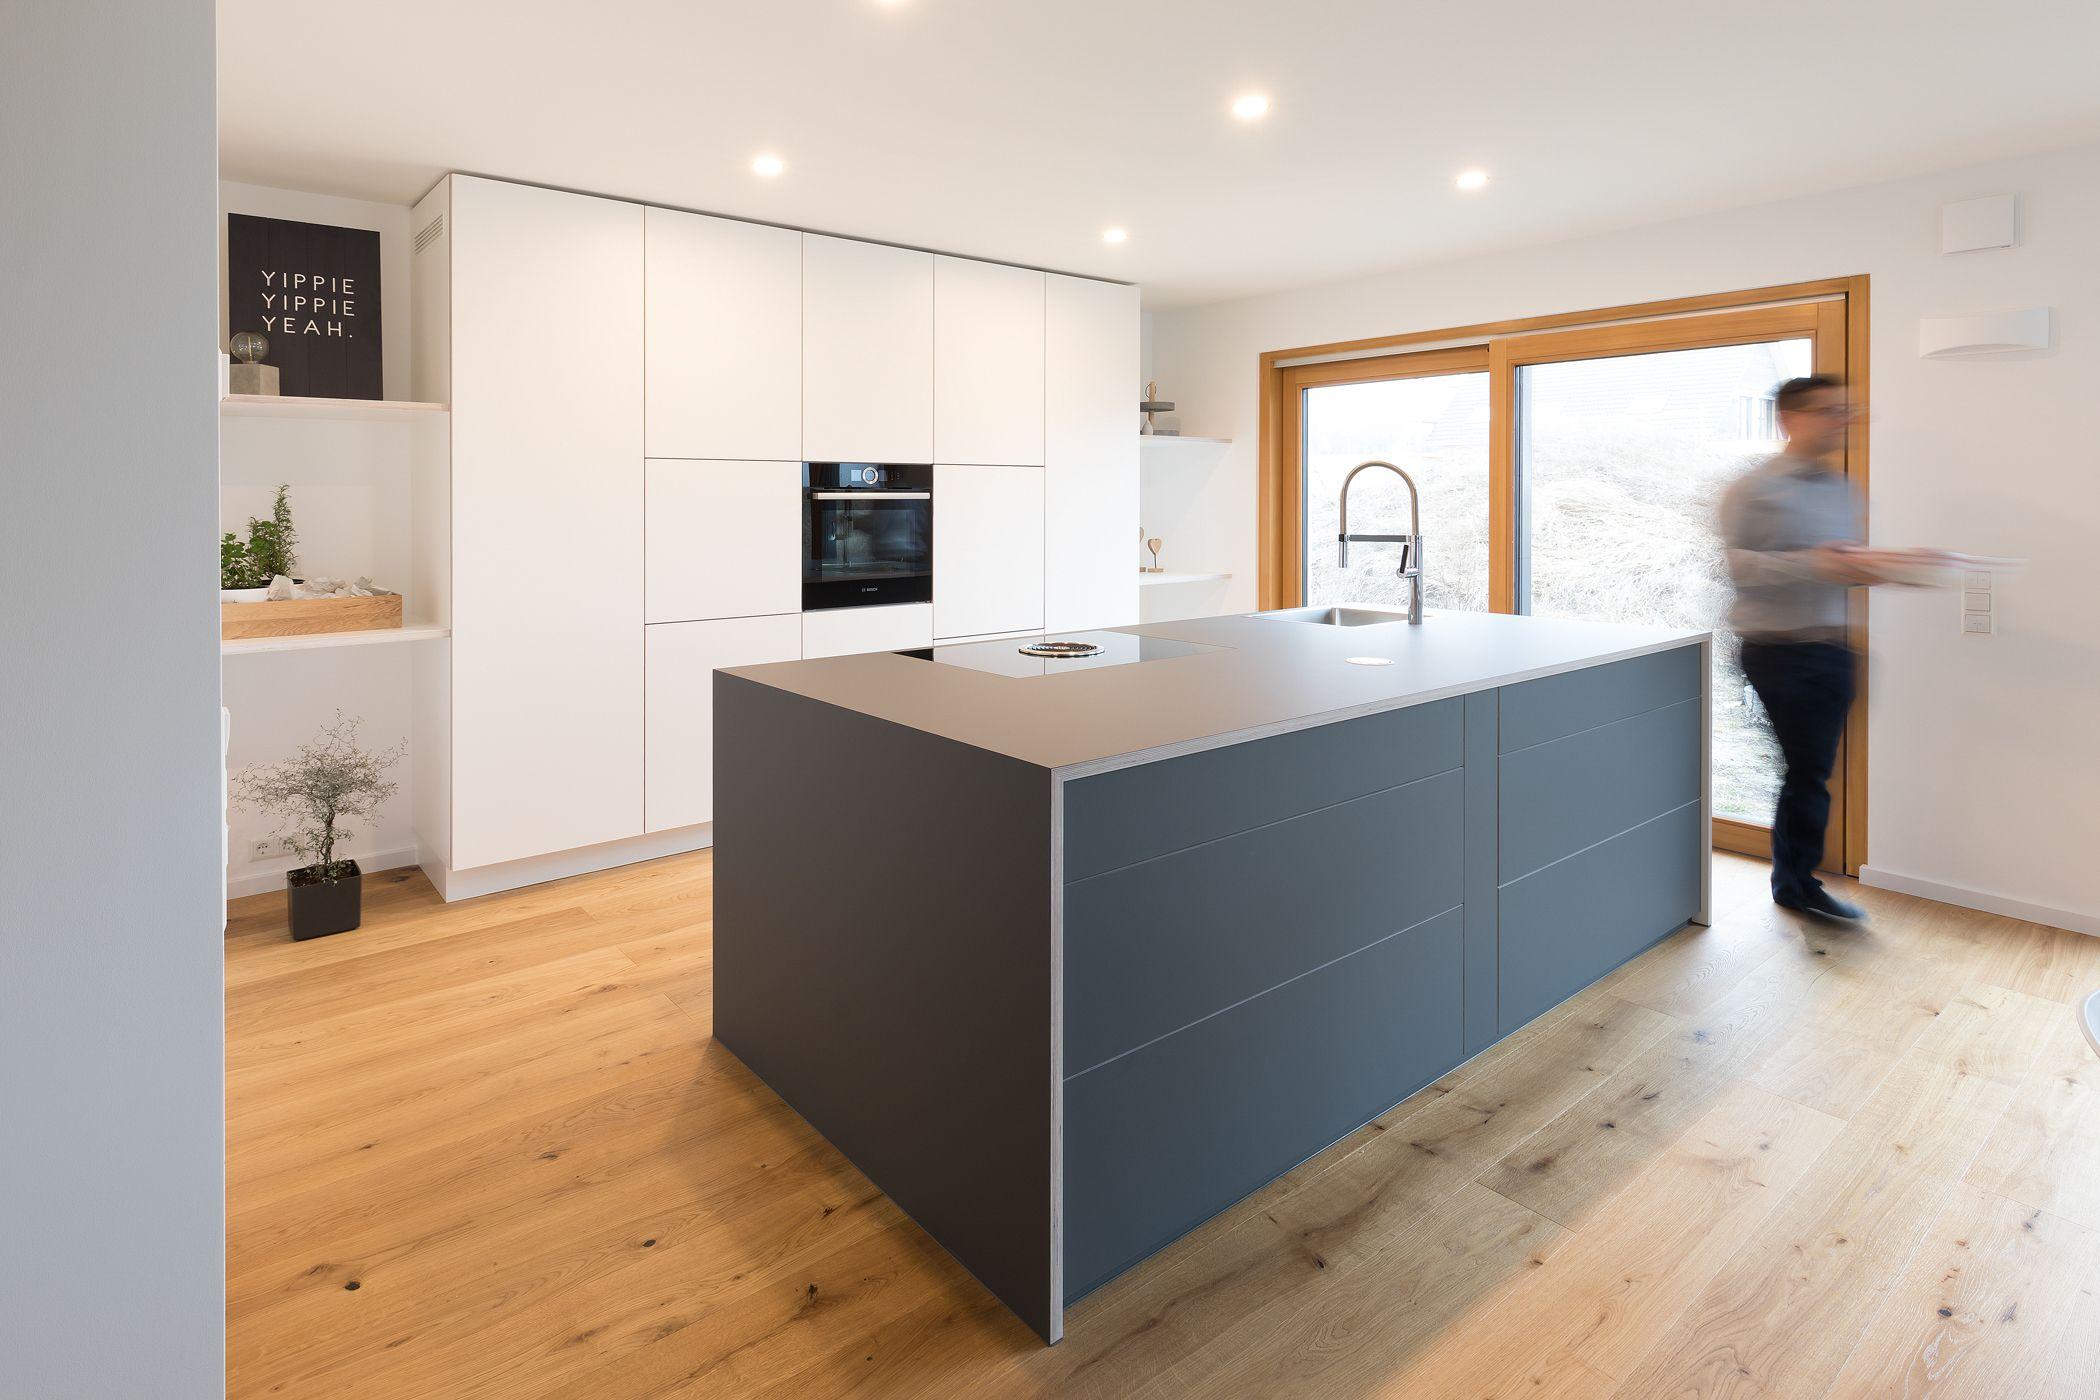 Küche mit kücheninsel kochinsel weiße küche graue kücheninsel